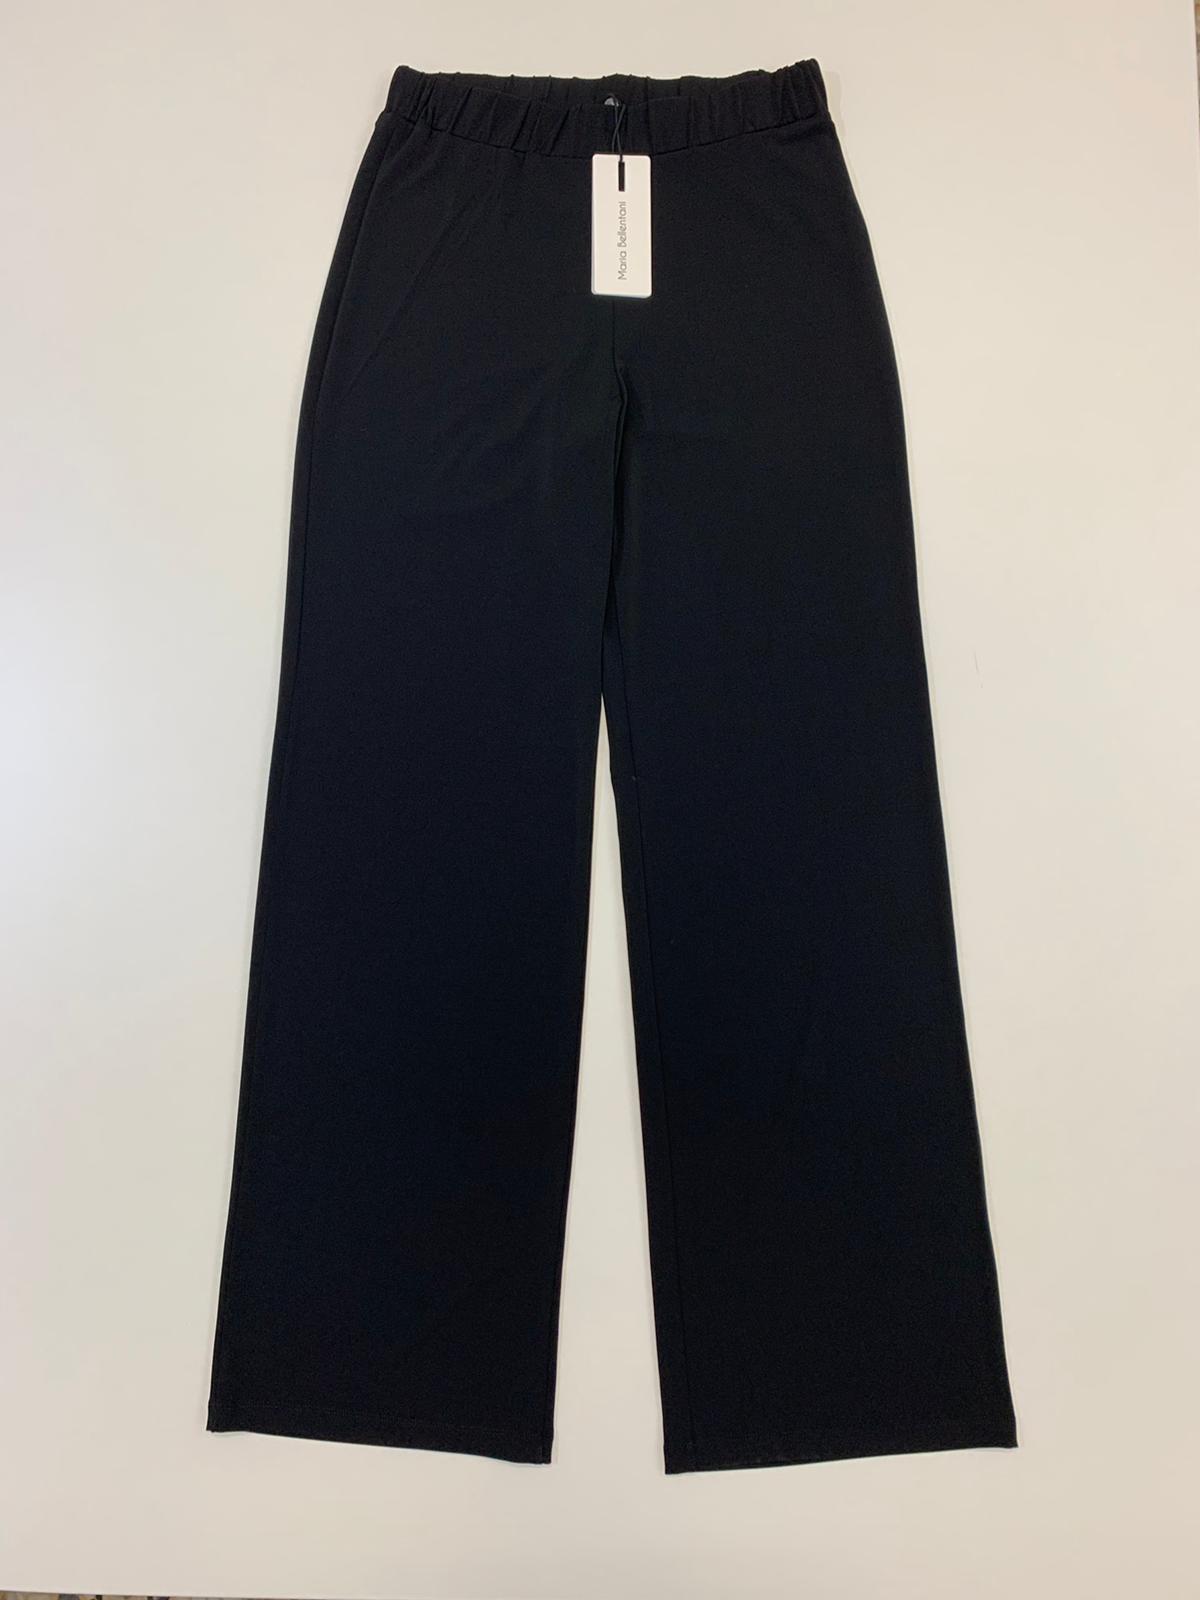 Pantalone Donna Maria Bellentani Viscosa Nero